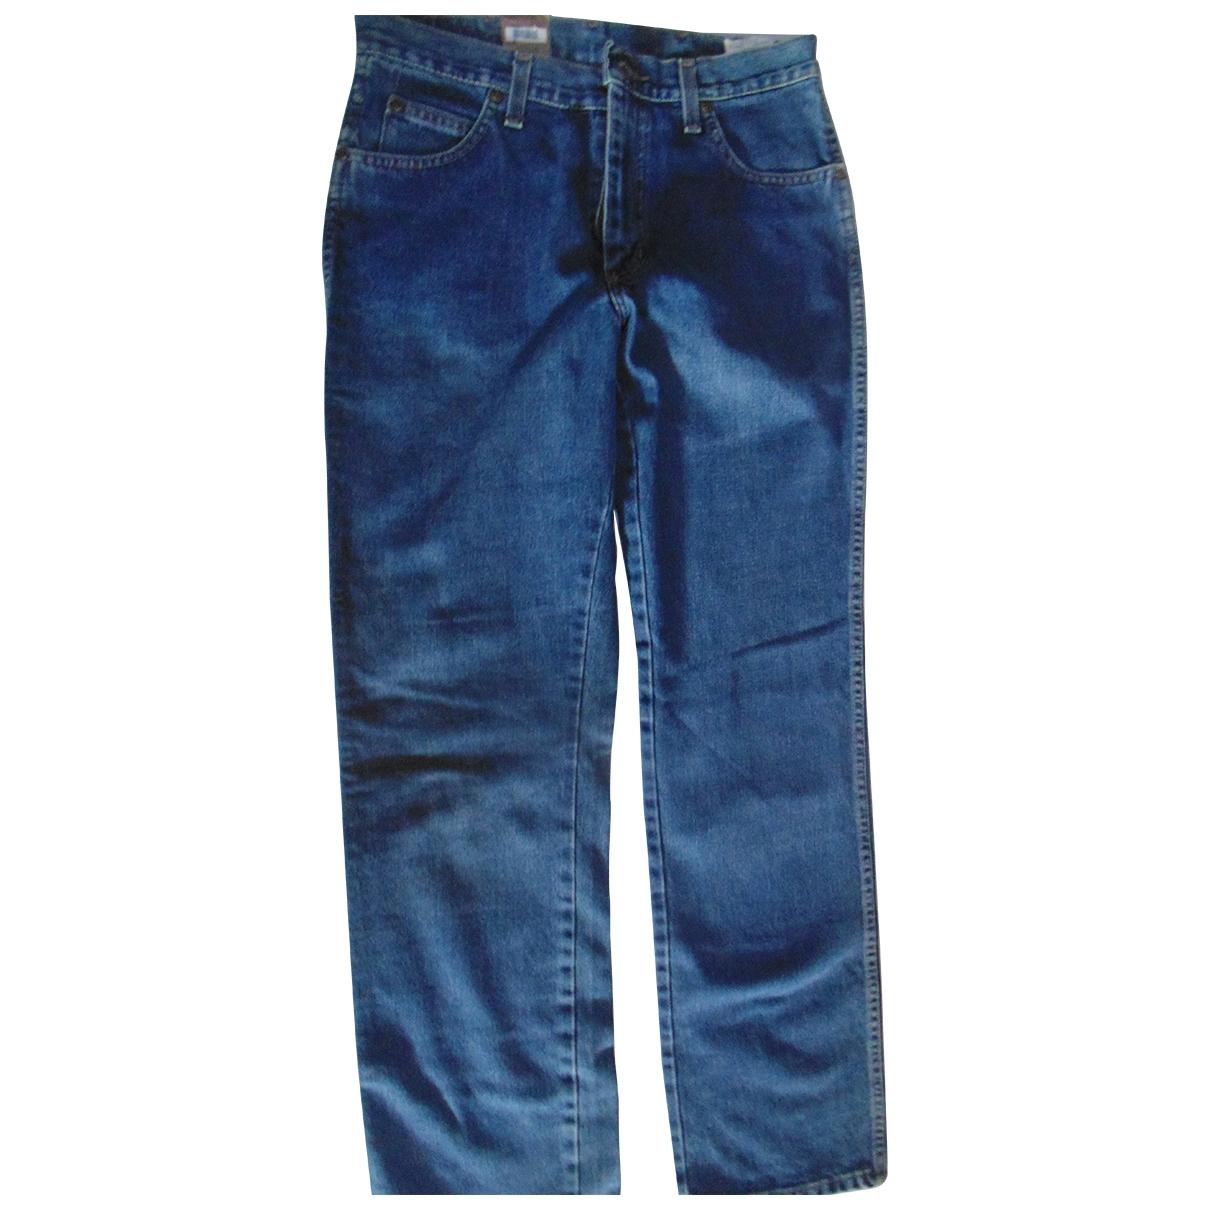 Wrangler \N Blue Cotton Jeans for Men 32 UK - US